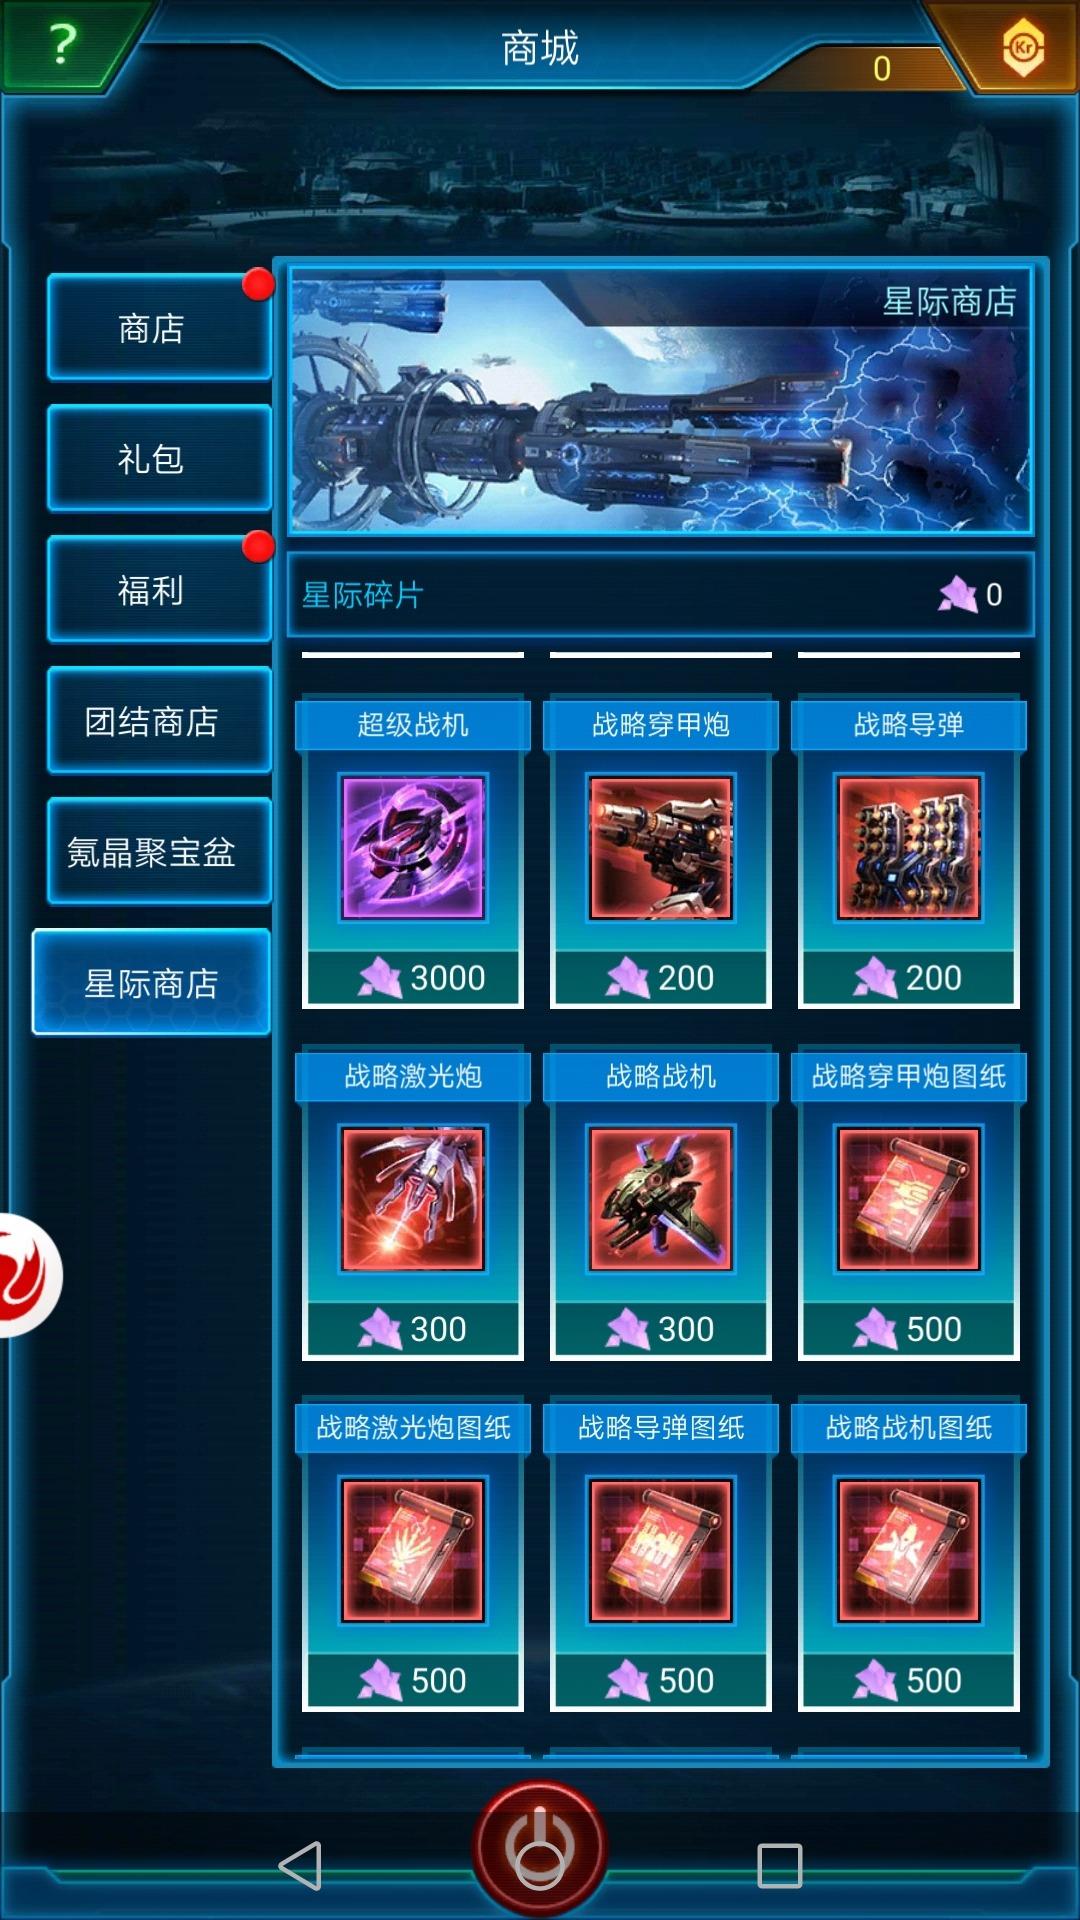 Screenshot_20190730-110346.jpg